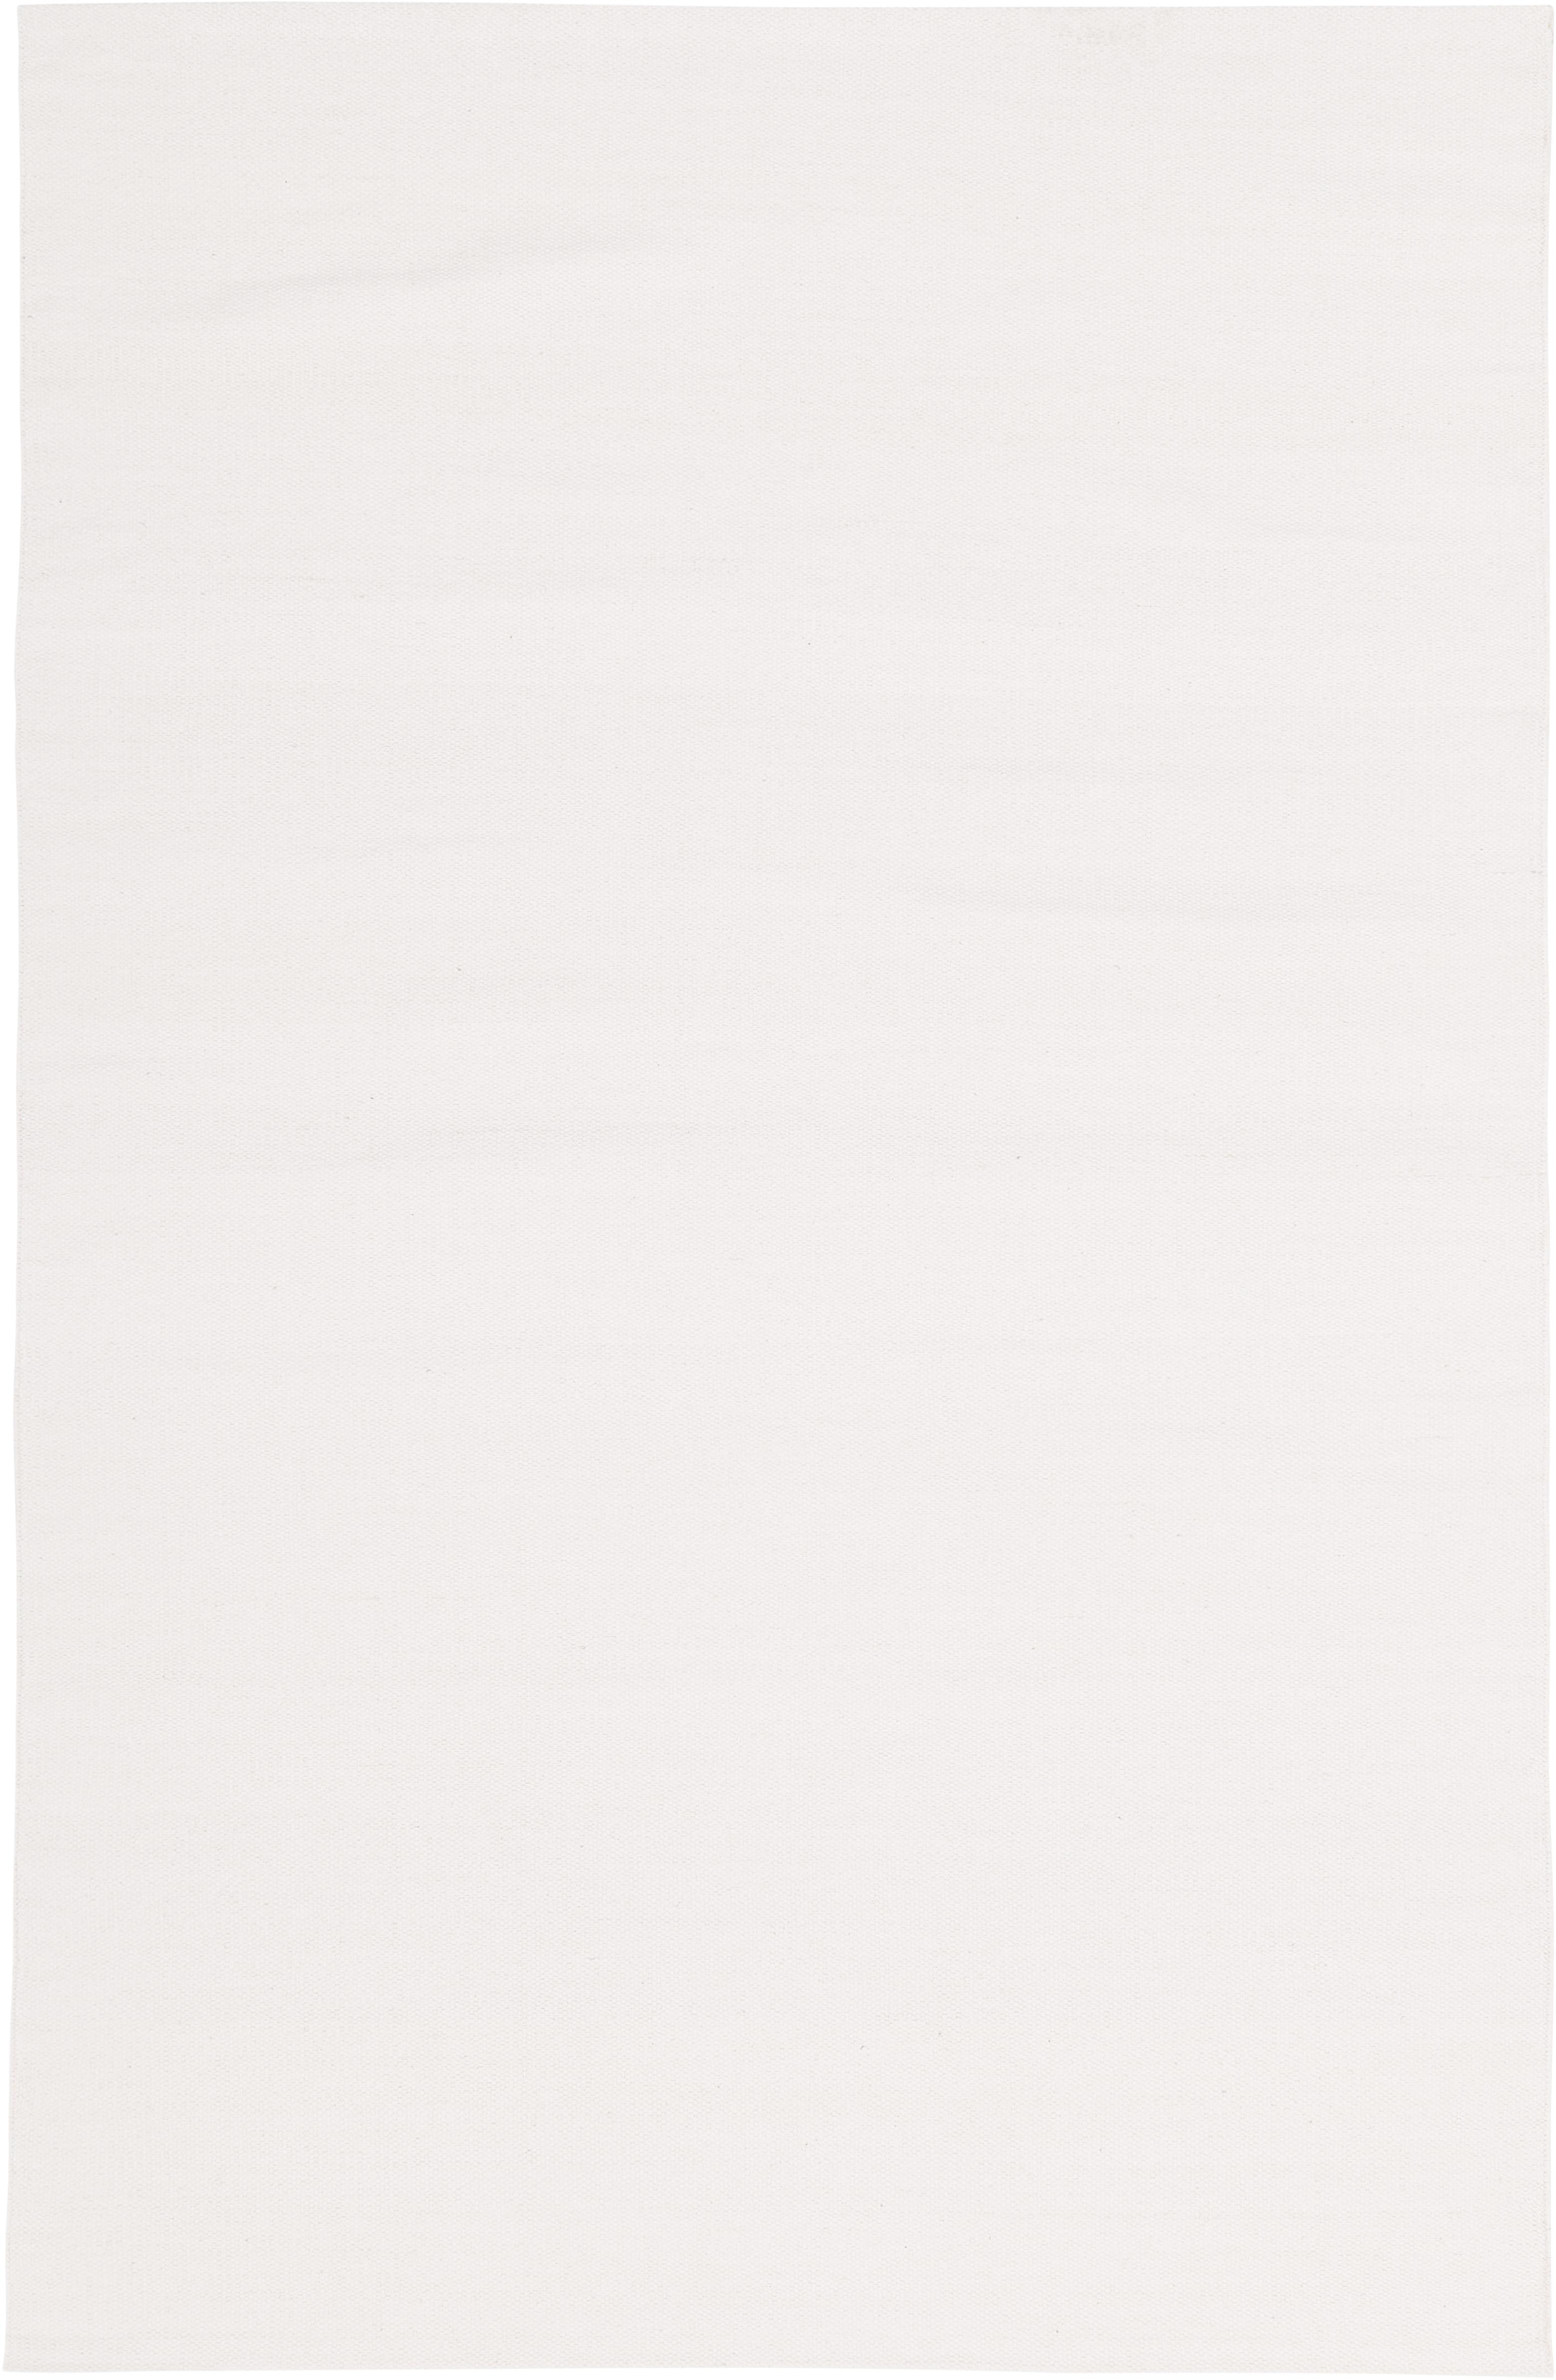 Dünner Baumwollteppich Agneta, handgewebt, 100% Baumwolle, Cremeweiss, B 120 x L 180 cm (Grösse S)